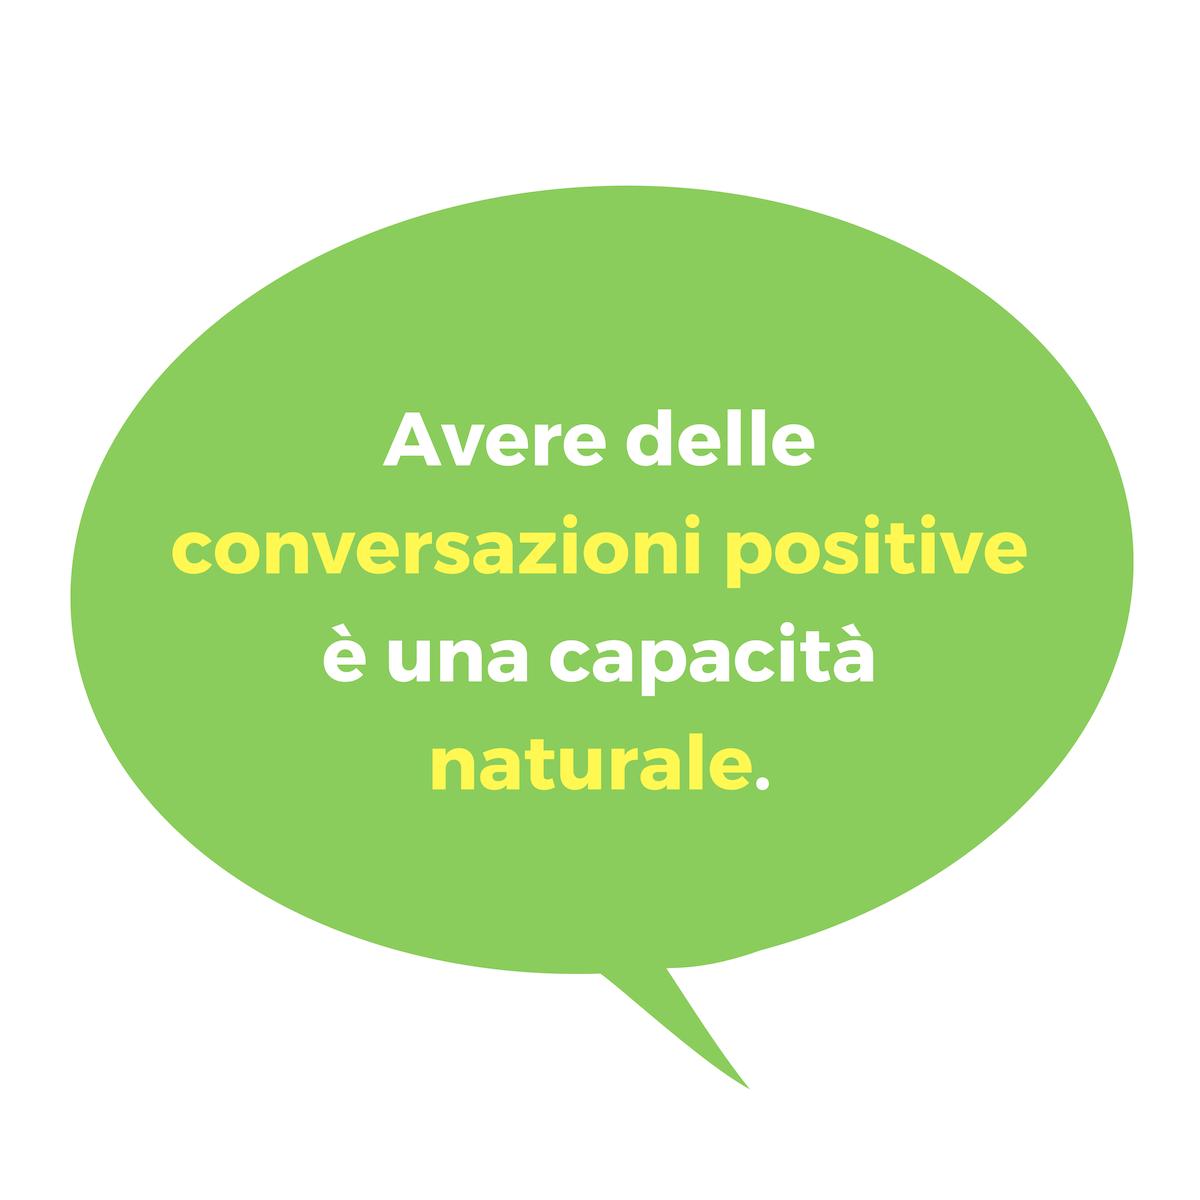 Avere delle conversazioni positive è una capacità naturale.